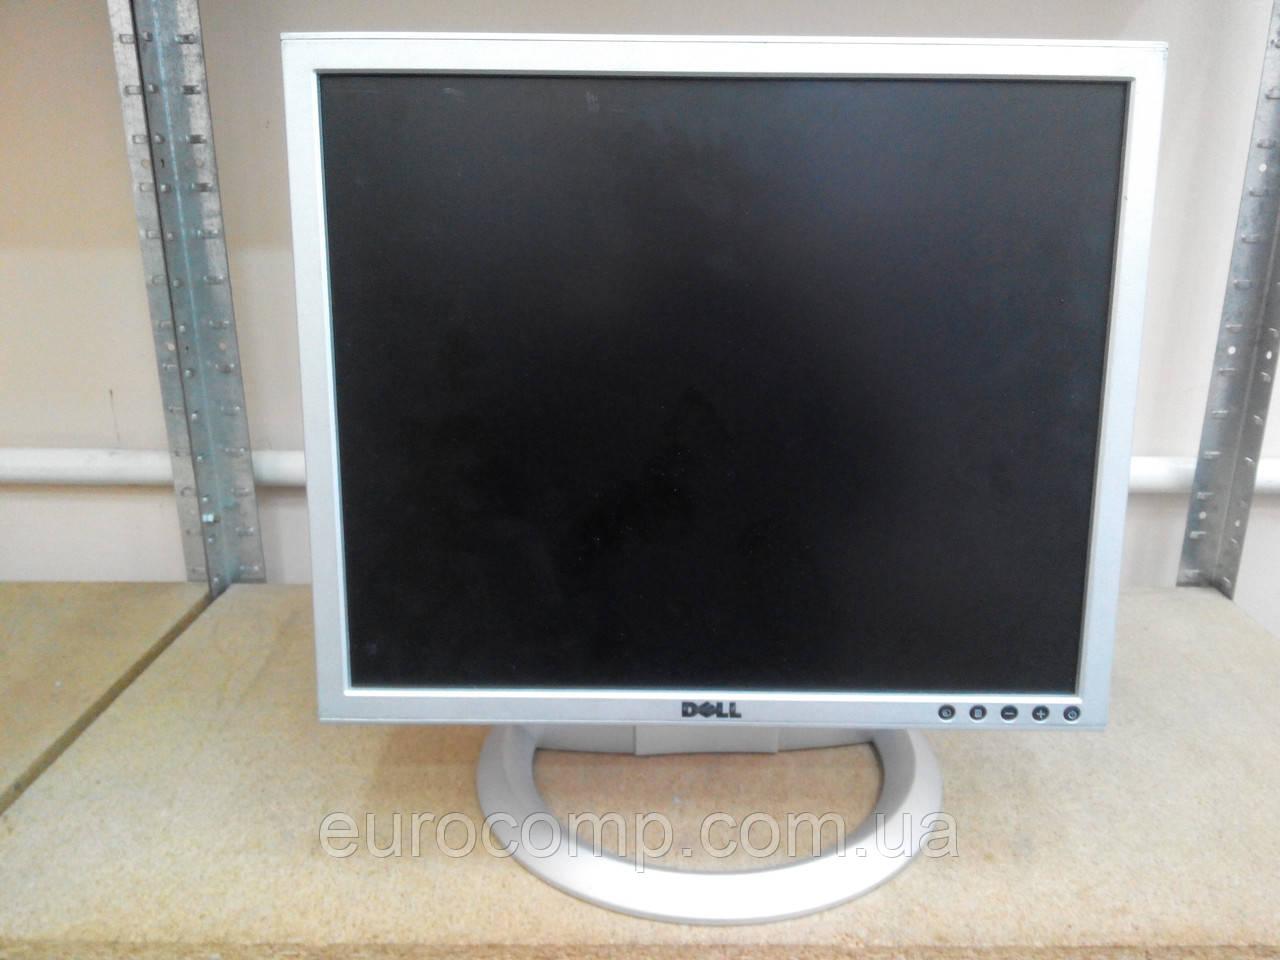 Монитор для офиса, дома, игровых залов 19'' дюймов (Dell 1907FP)